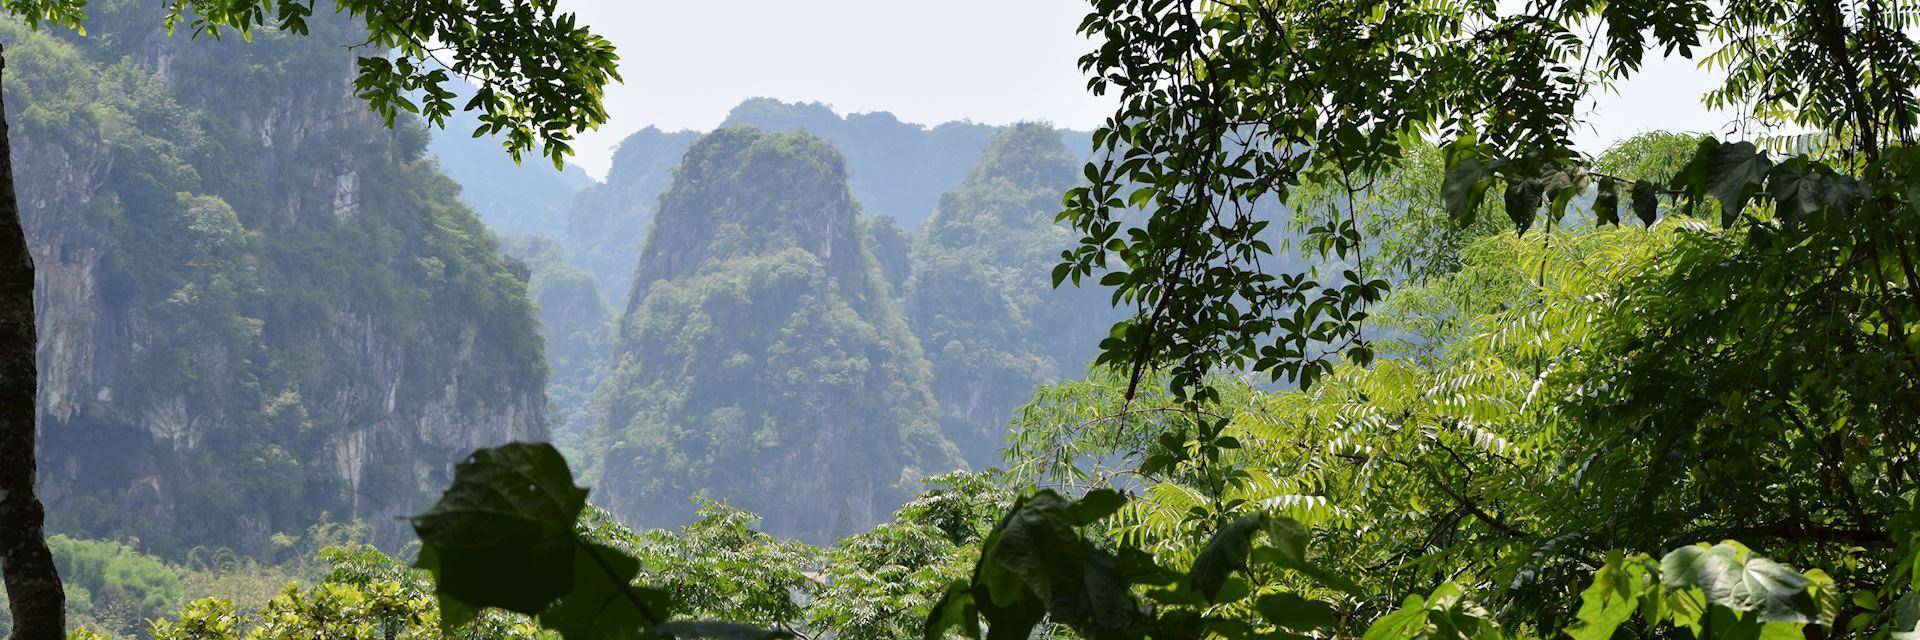 Scenery around Vieng Xai